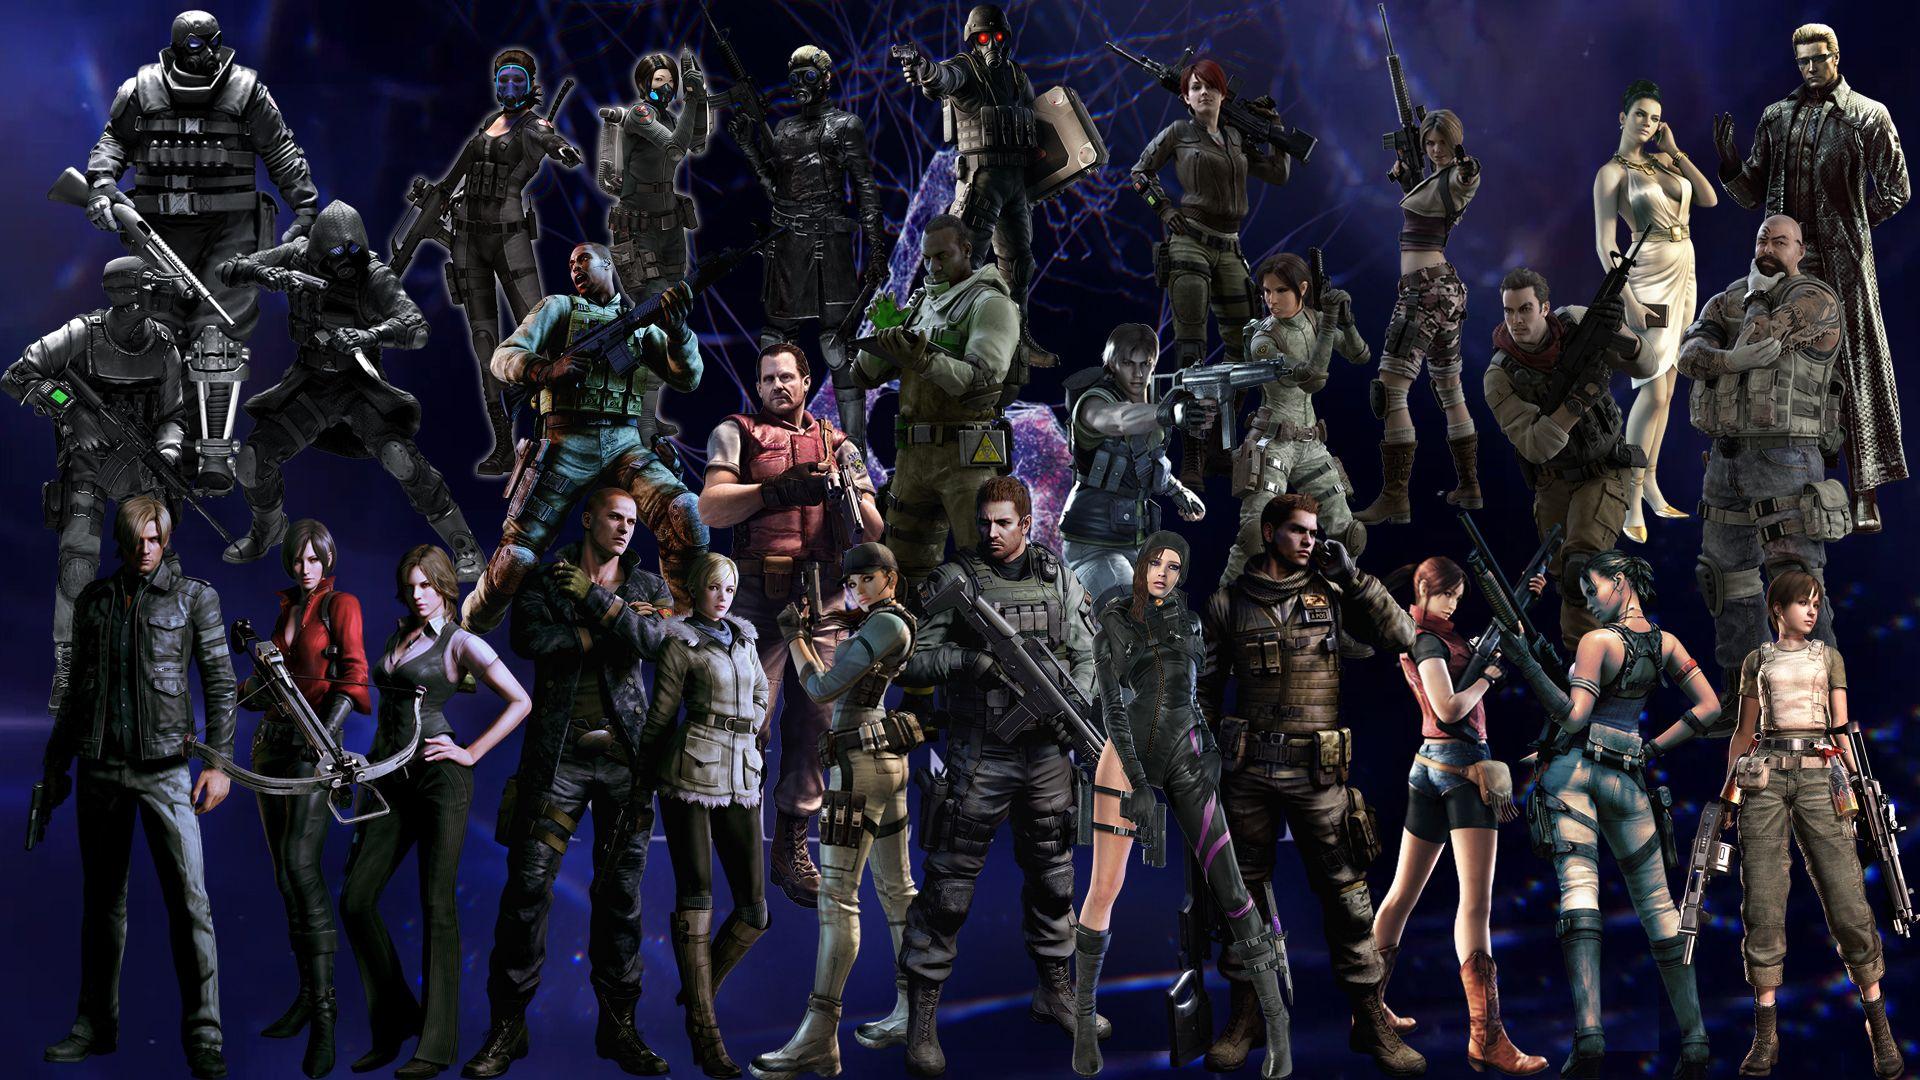 тут найдут картинки с персонажами разных игр люблю всем сердцем